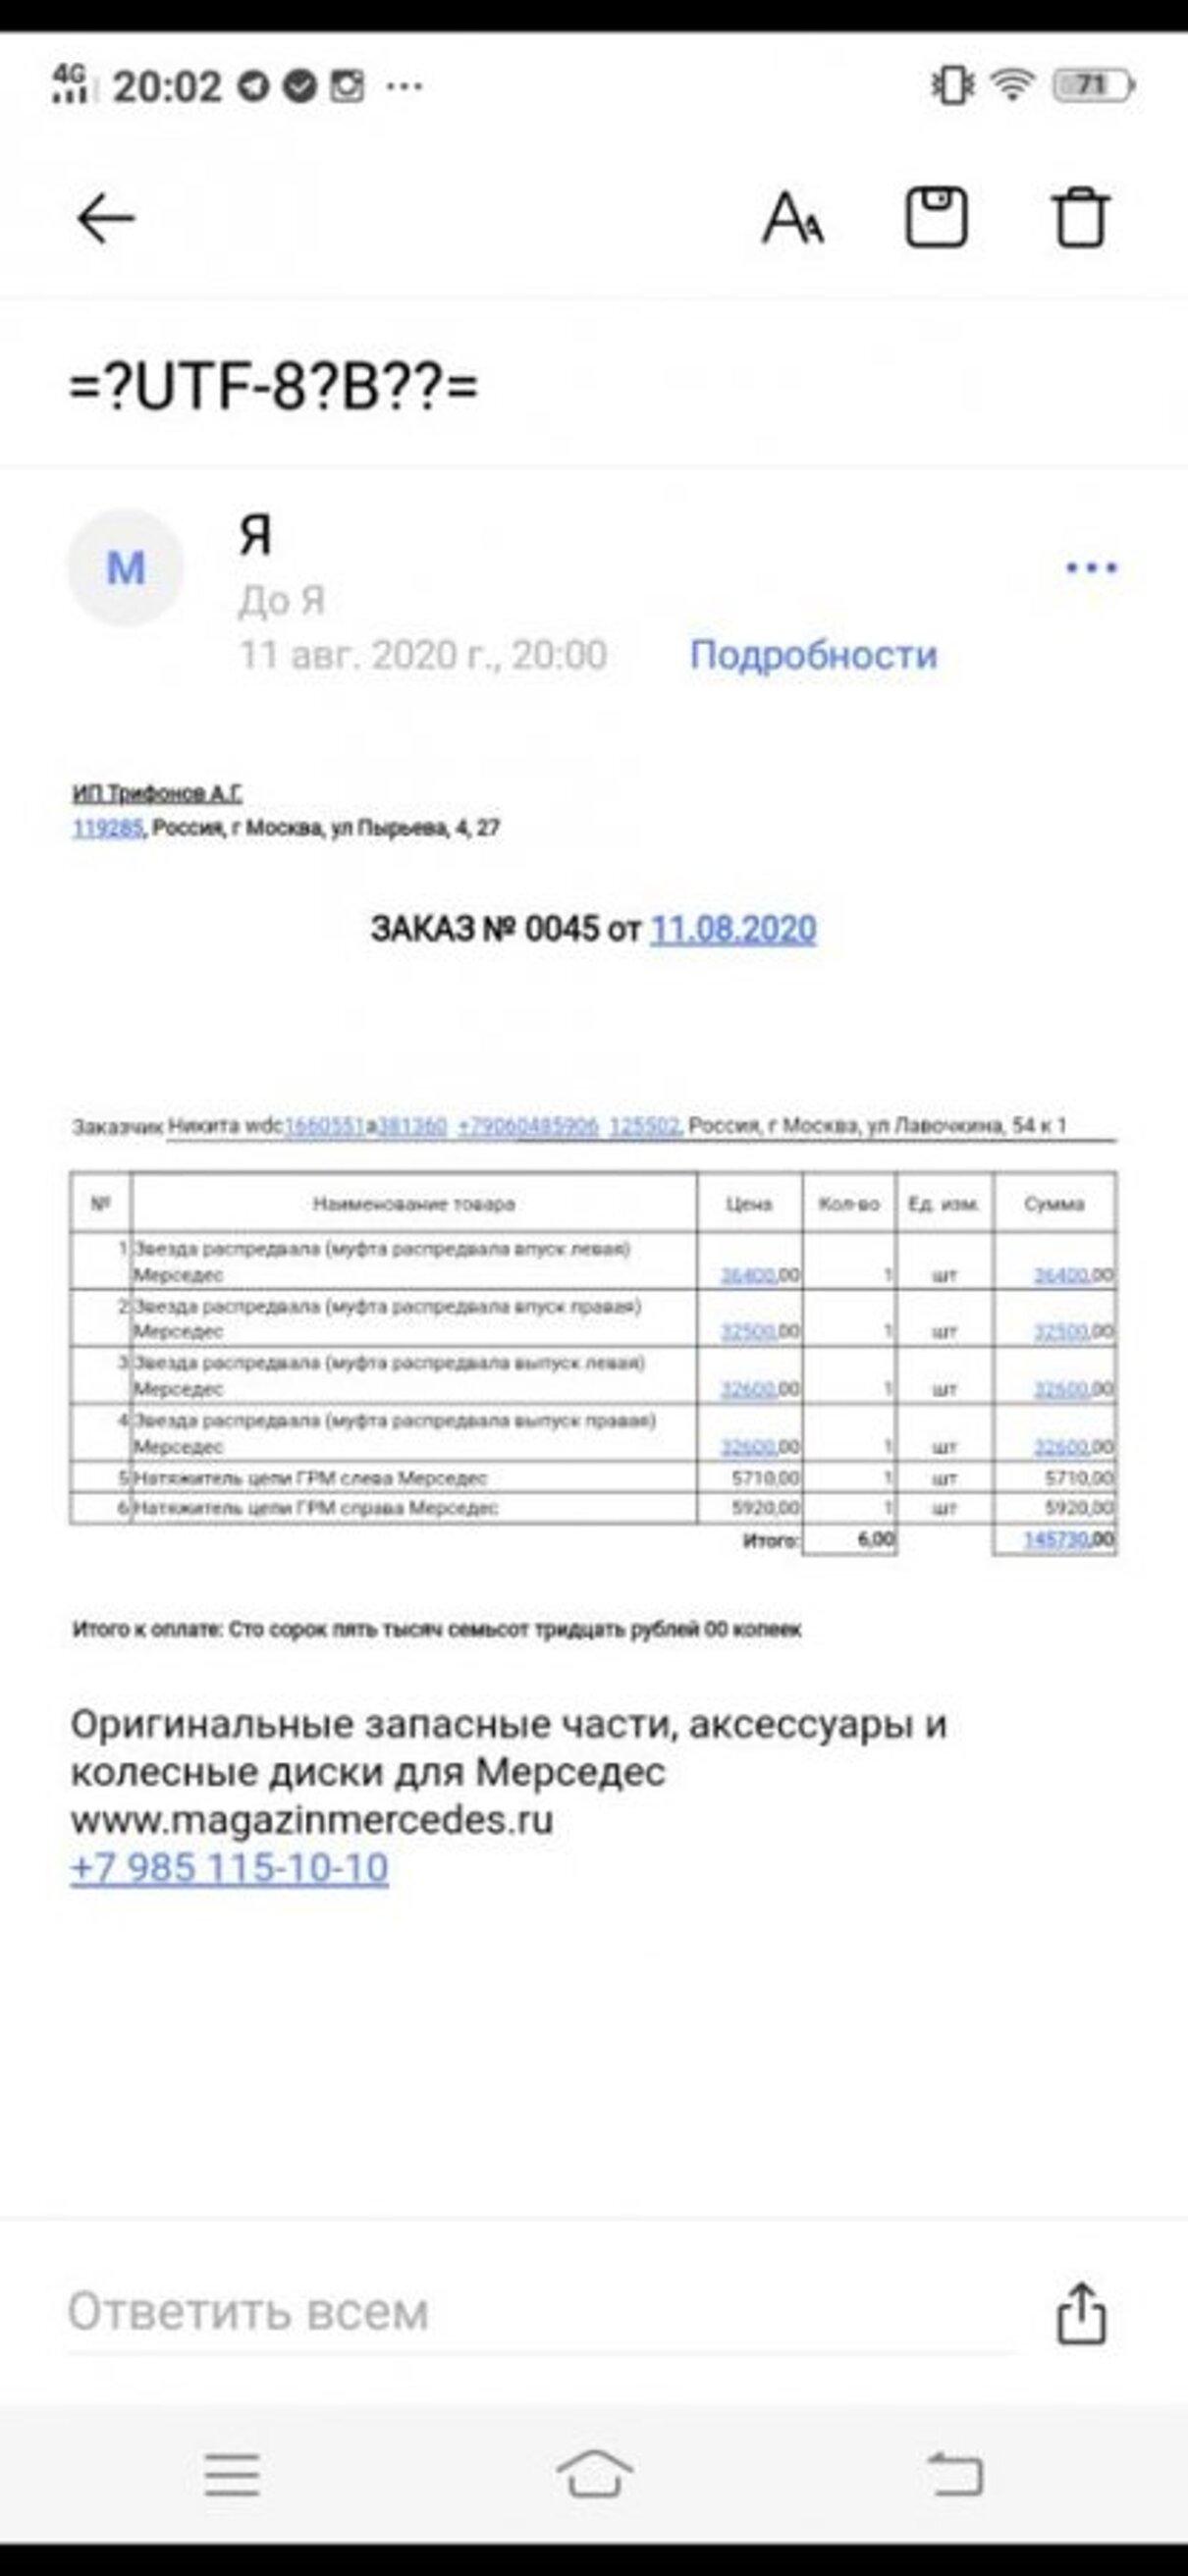 Жалоба-отзыв: Magazinmercedes.ru - Мошенники!!! Не привезли запчасти, не вернули деньги!!!.  Фото №1